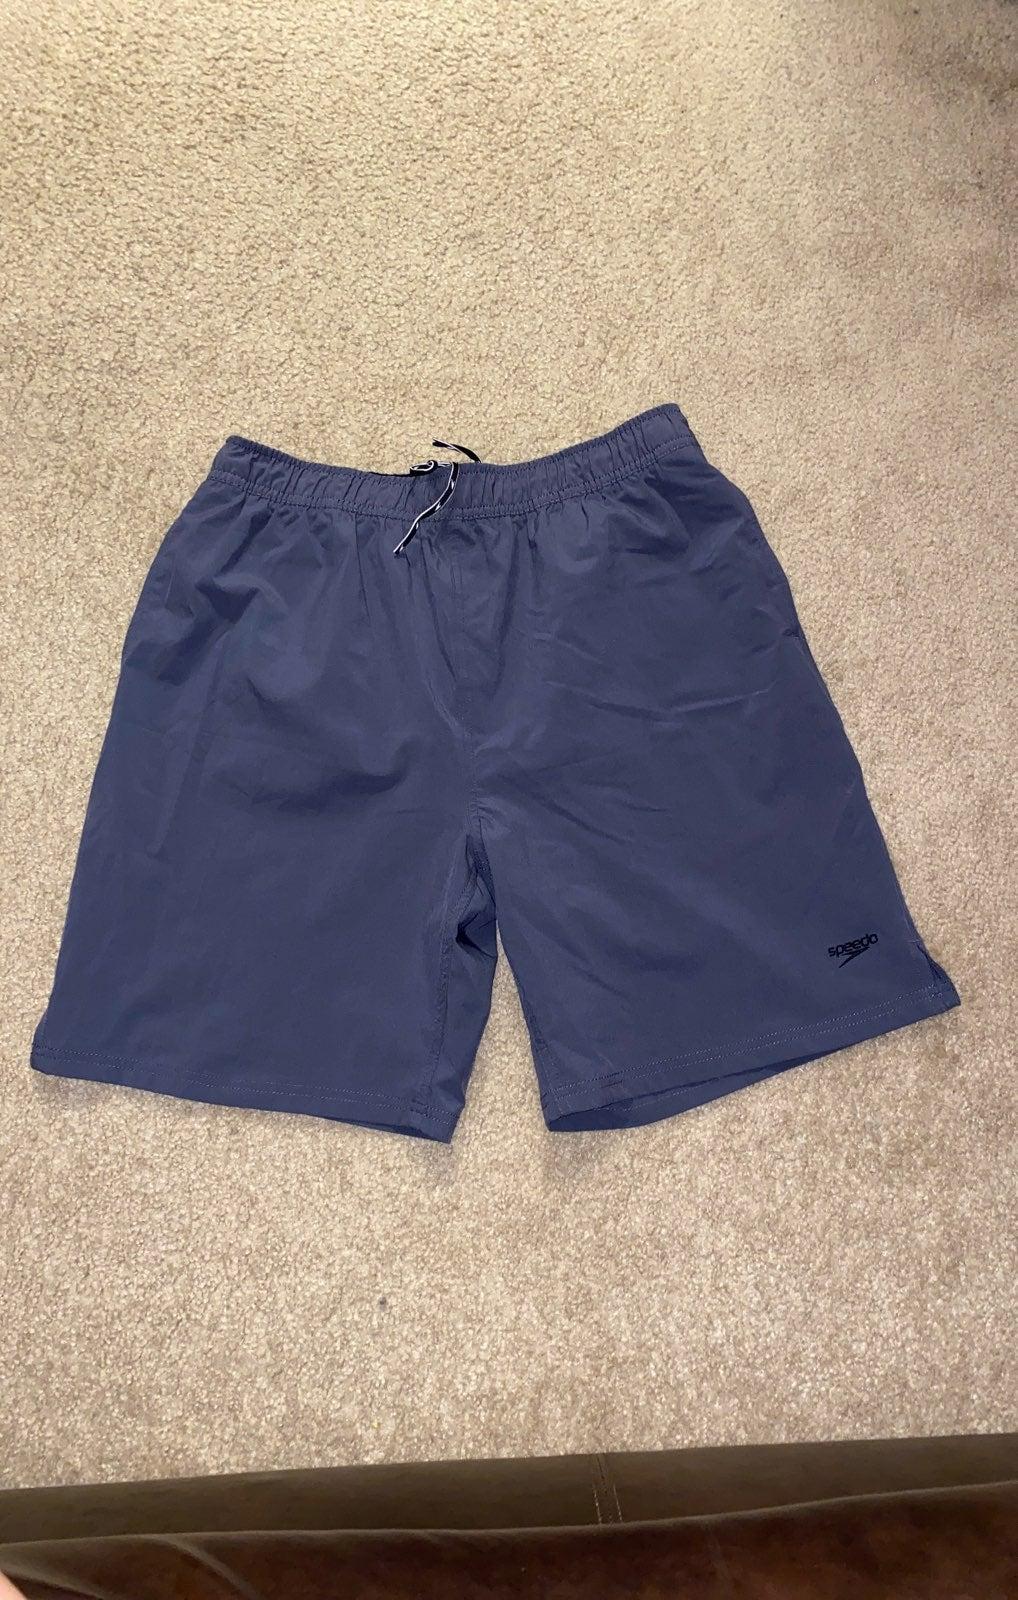 Speedo Men's Board/ Swim Lined Shorts